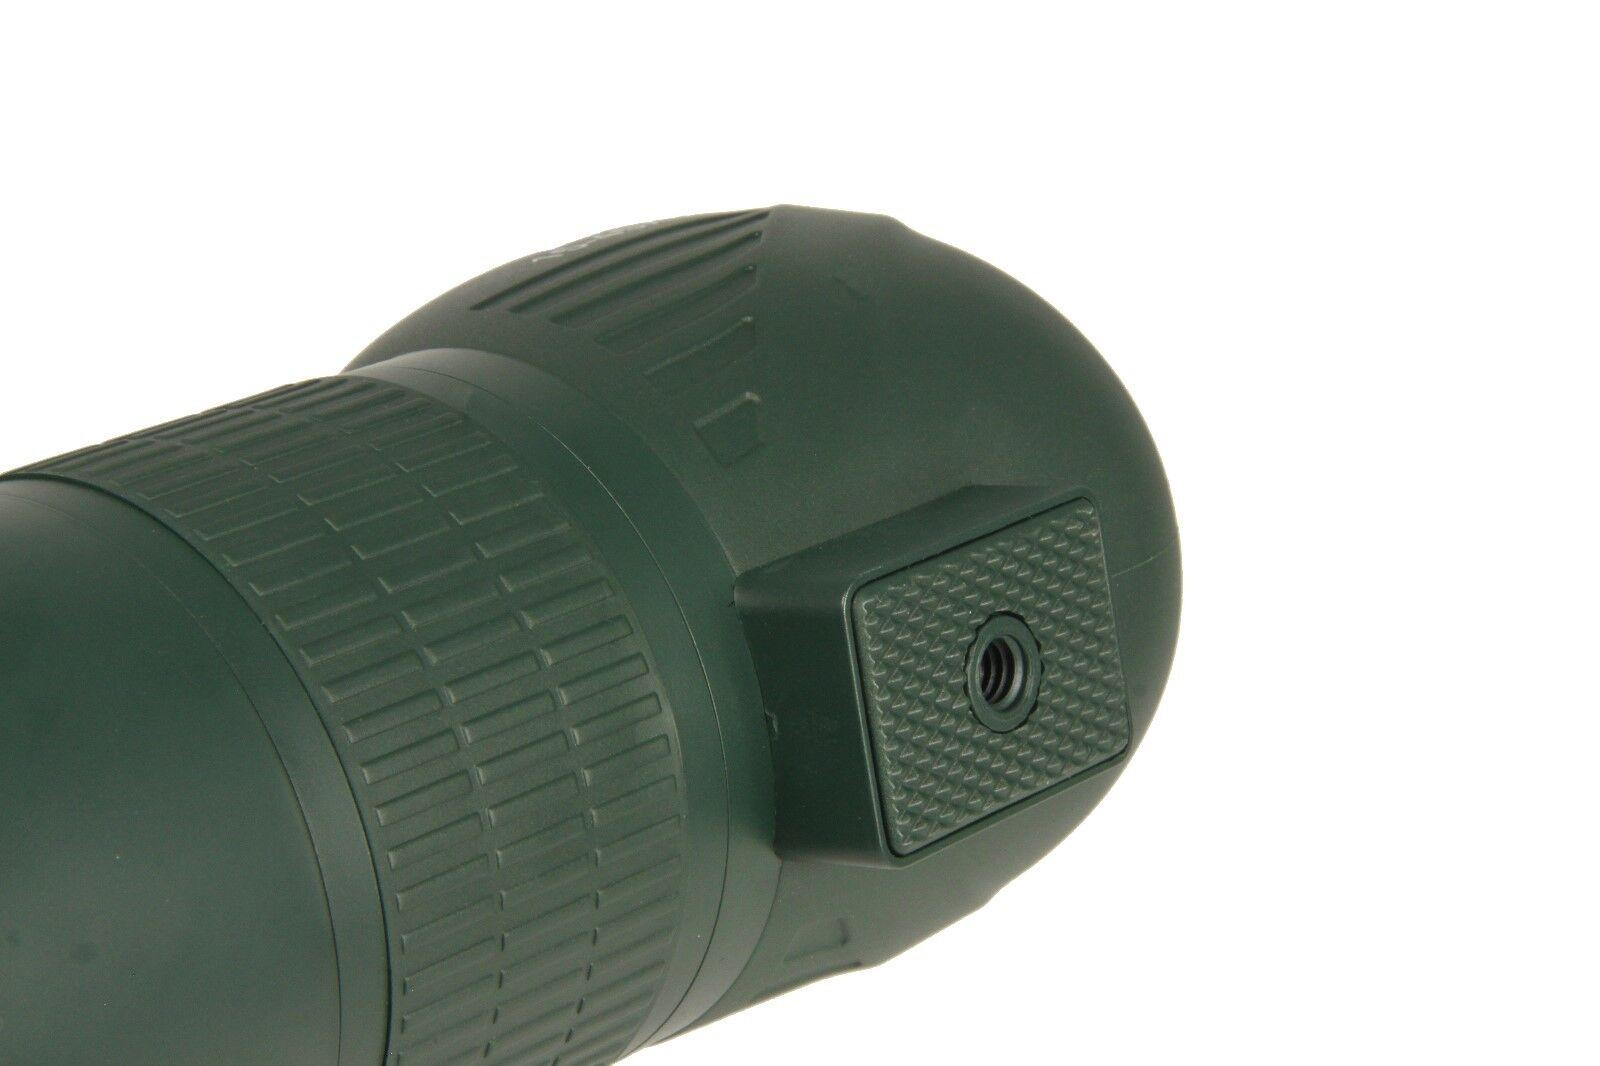 TS-Optics Zoom Zoom Zoom Spektiv 15-45 x 60 für Sportschützen   Zoomspektiv, TSSP60Ya 053984